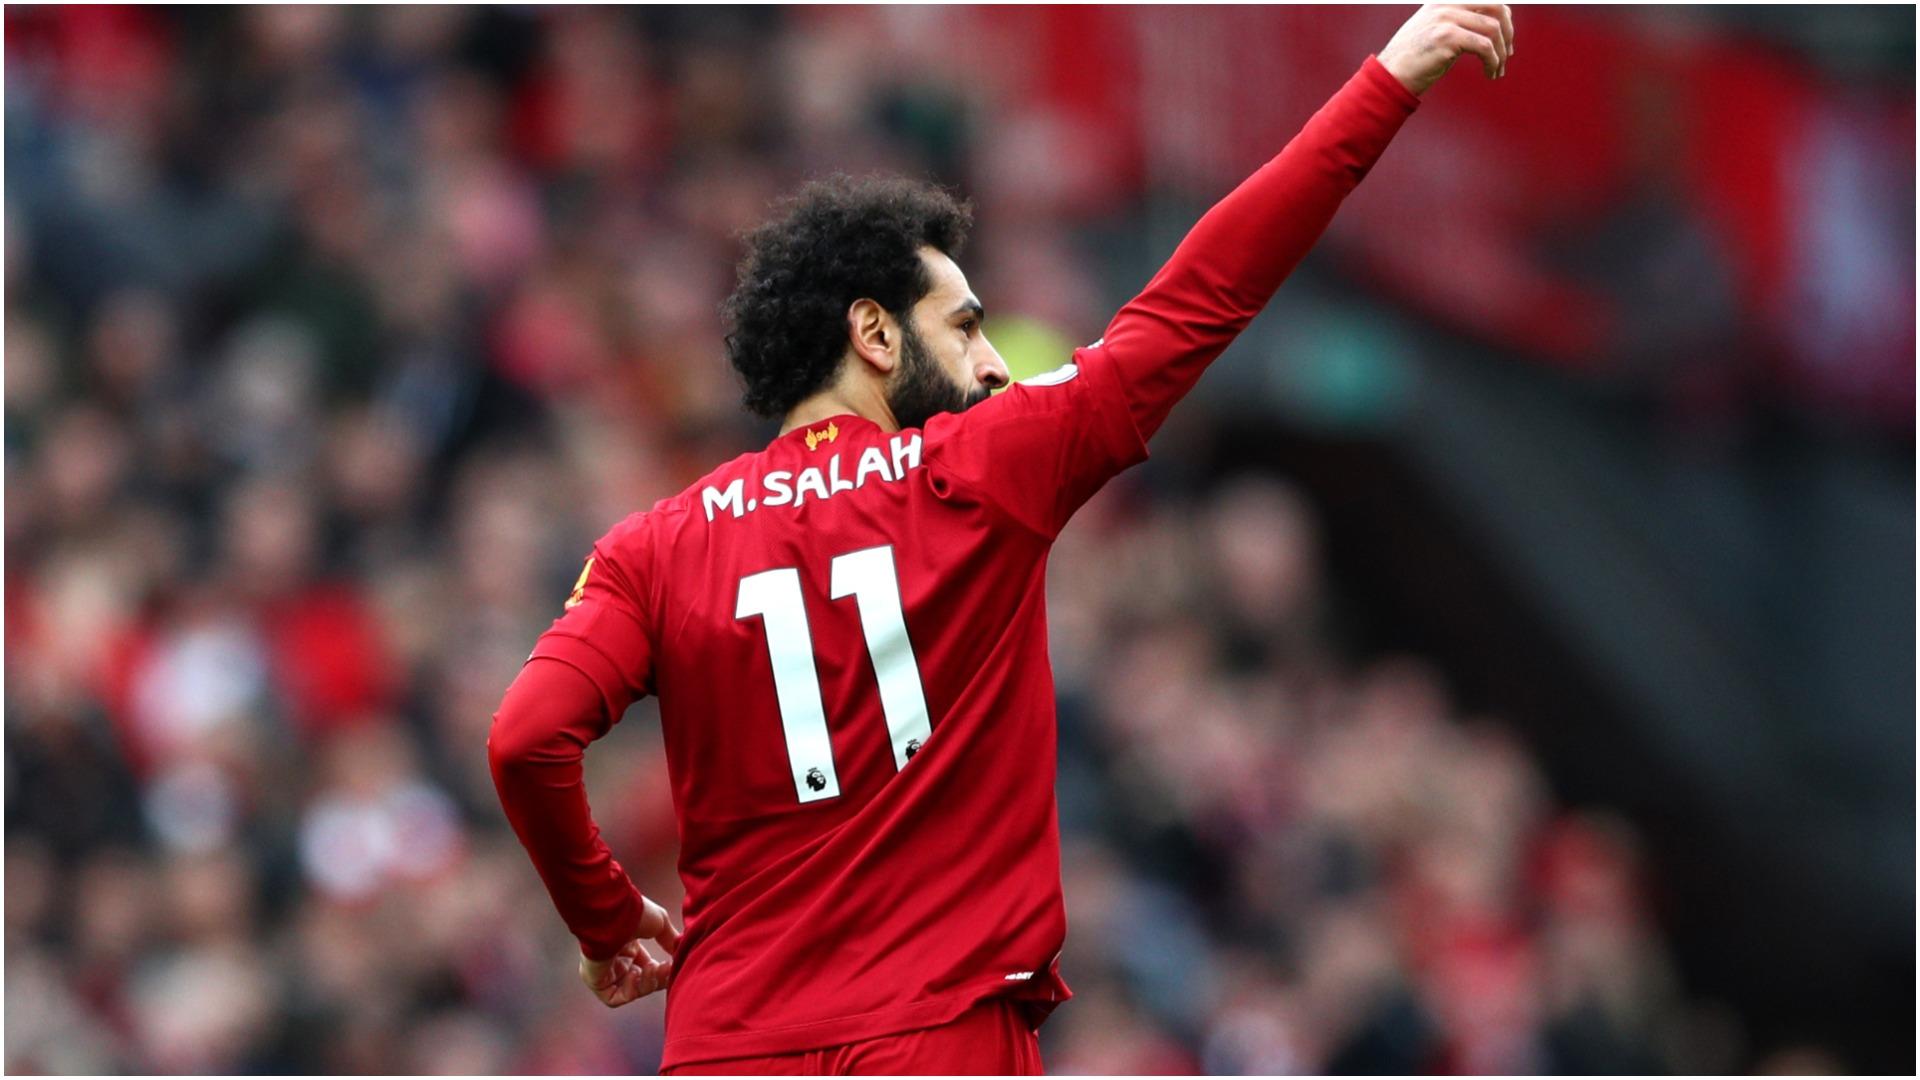 """Salah """"oguri"""" i Liverpool, përqindje fantastike fitoresh në Premier"""